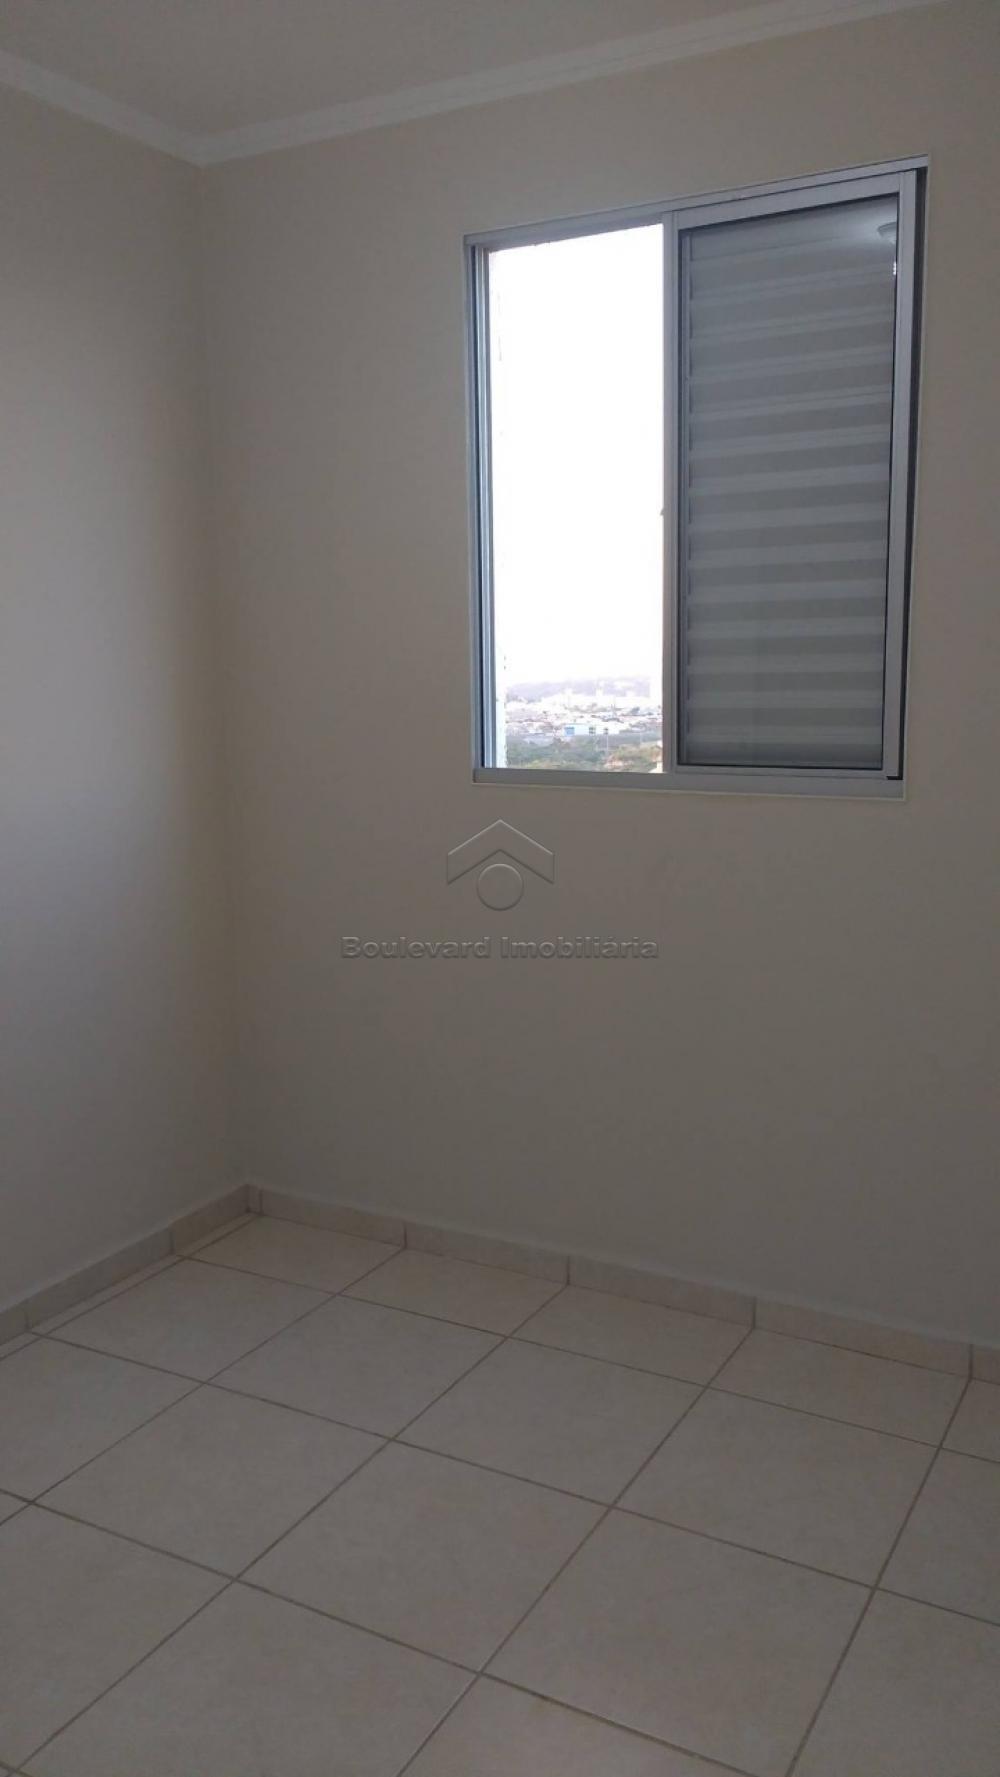 Alugar Apartamento / Padrão em Bonfim Paulista R$ 1.000,00 - Foto 4